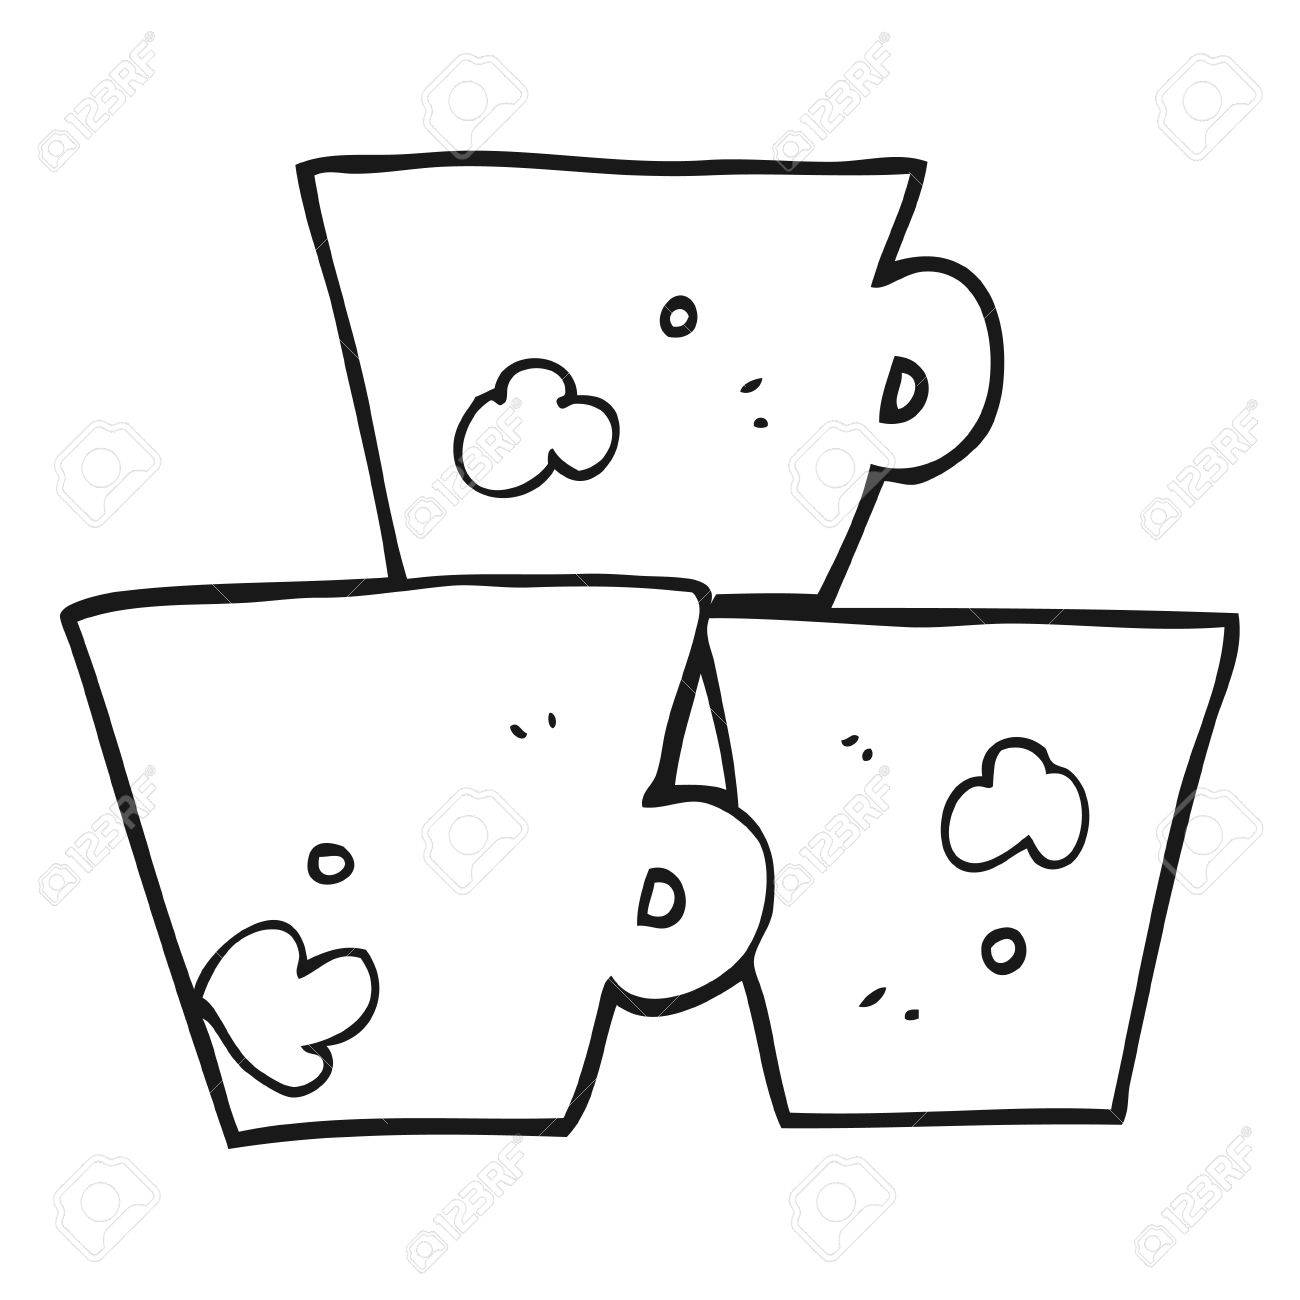 Dibujado A Mano Alzada Blanco Y Negro Pila De Dibujos Animados De ...